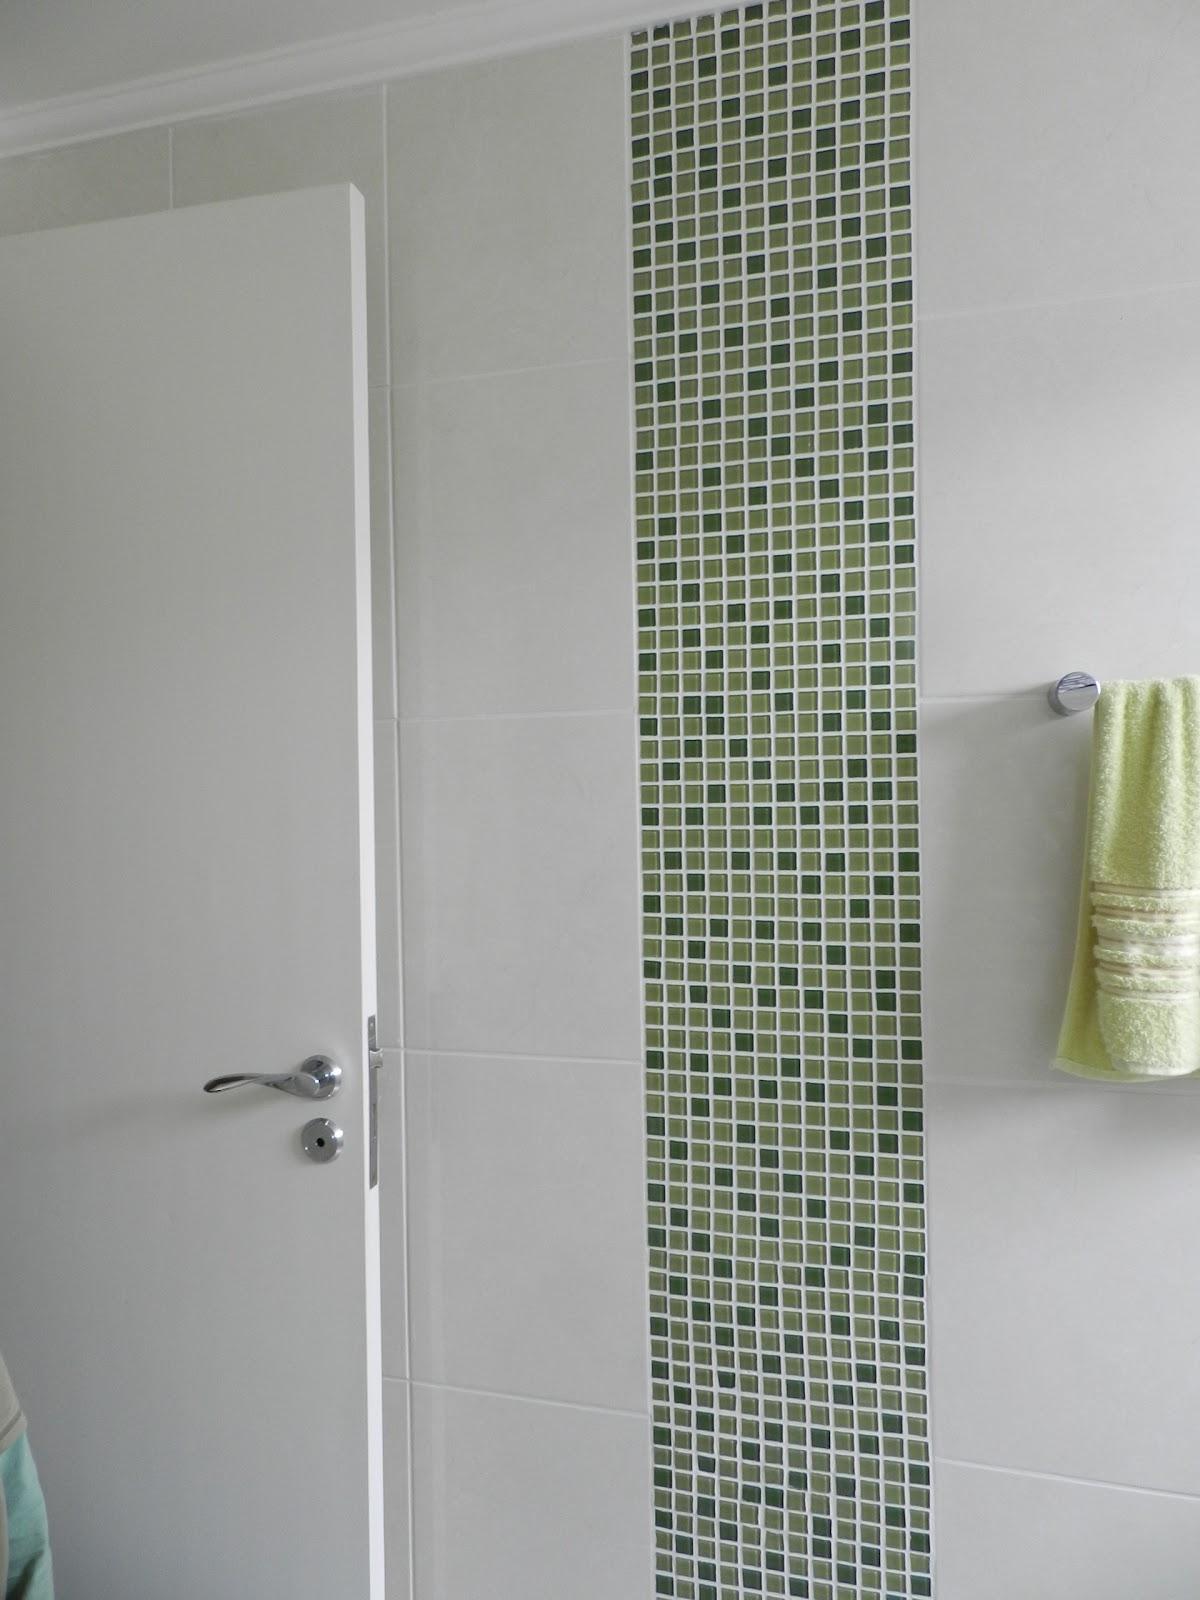 Banheiros Pequenos Reformados Fotos  homefiresafetykitcom banheiros com p -> Banheiro Reformado Com Pastilha